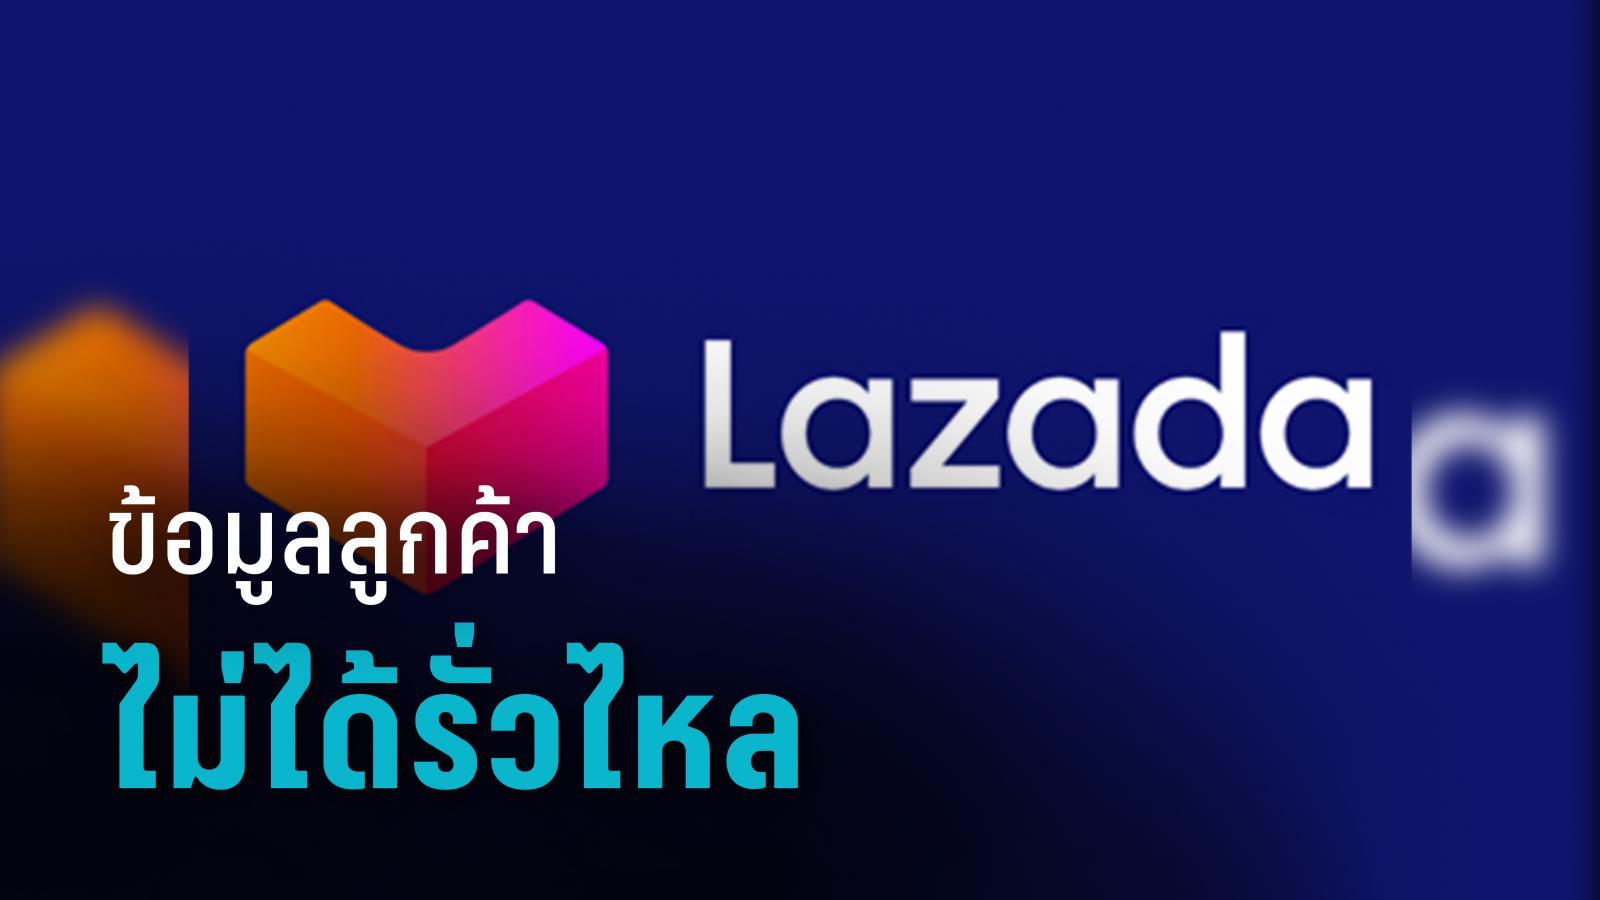 ป้องกันสูงสุด! LAZADA ยัน ข้อมูลลูกค้าไม่ได้รั่วไหล